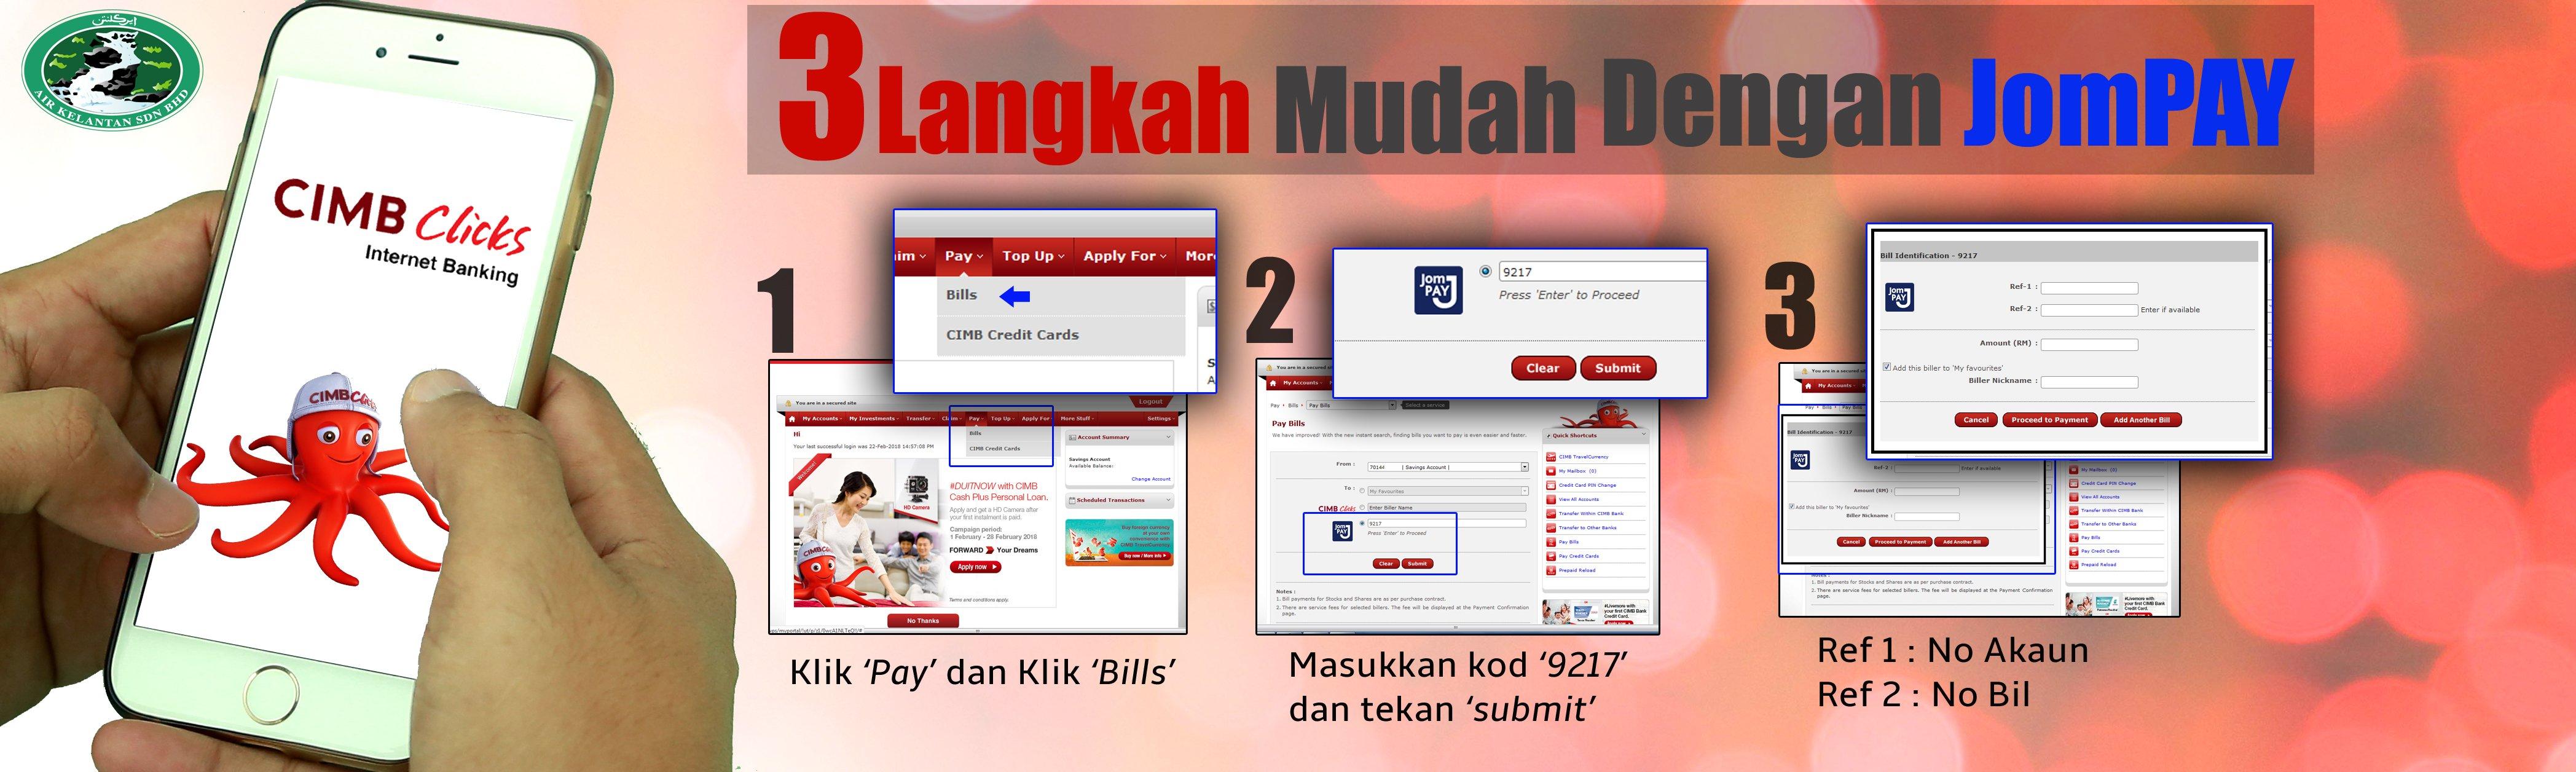 Bayar Bil AKSB Anda Menggunakan JomPAY - Air Kelantan Sdn